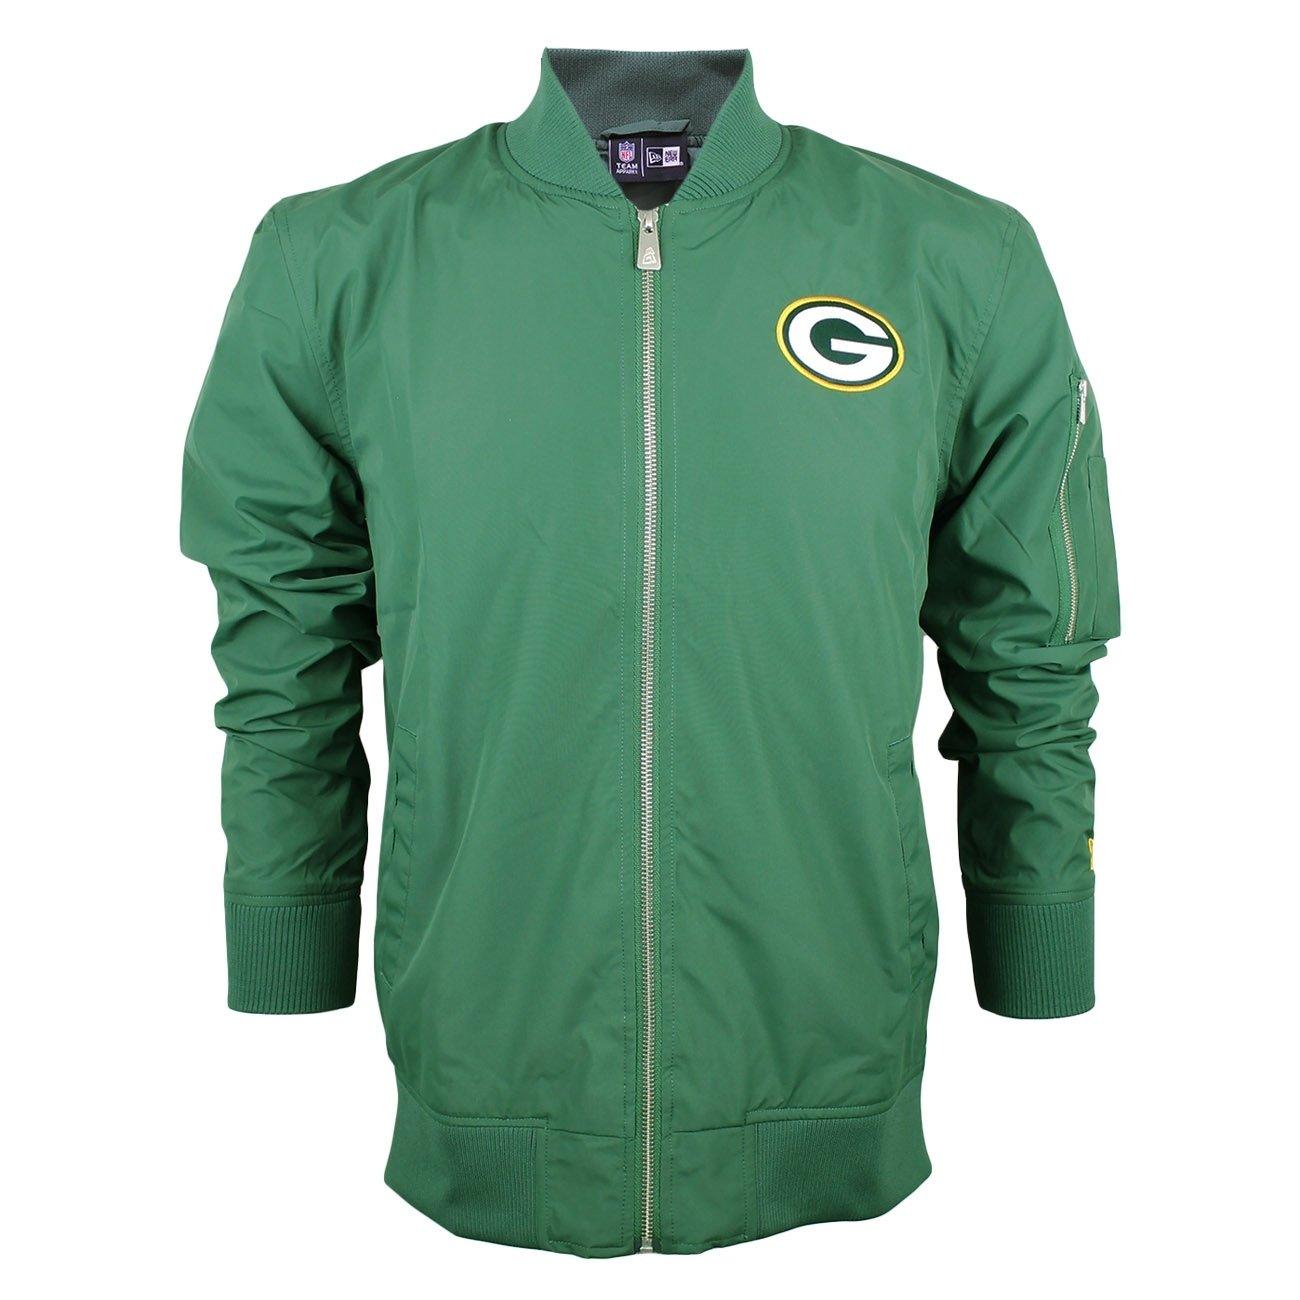 New Era Ne97052Fa16 NFL Bomber Grepac Cig - Giacca-Linea Green bay Packers da Uomo, Colore Verde, Taglia L 11278221